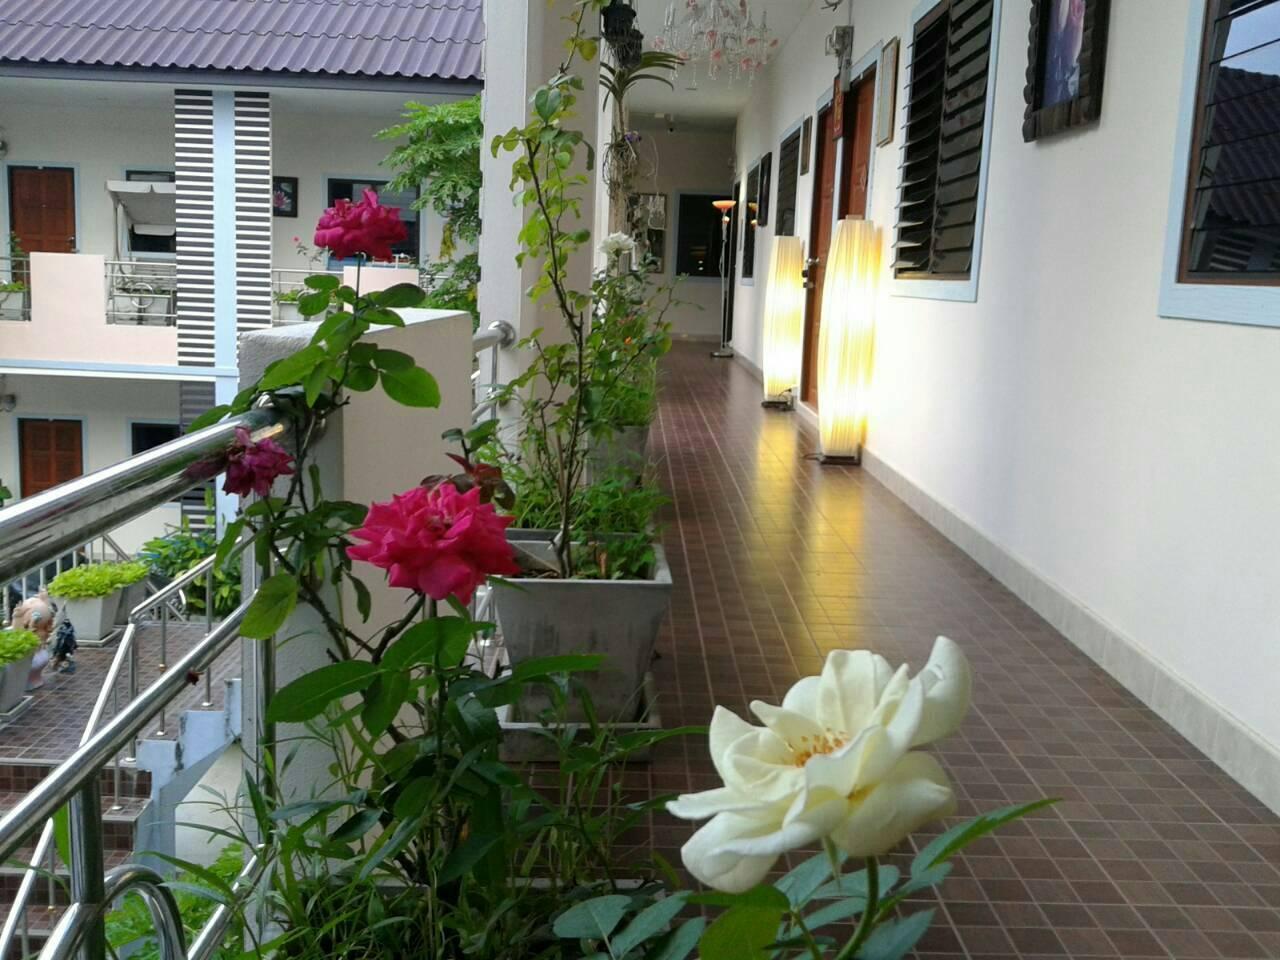 Ban Suan Kularb Surat Thani AirCon Room 1